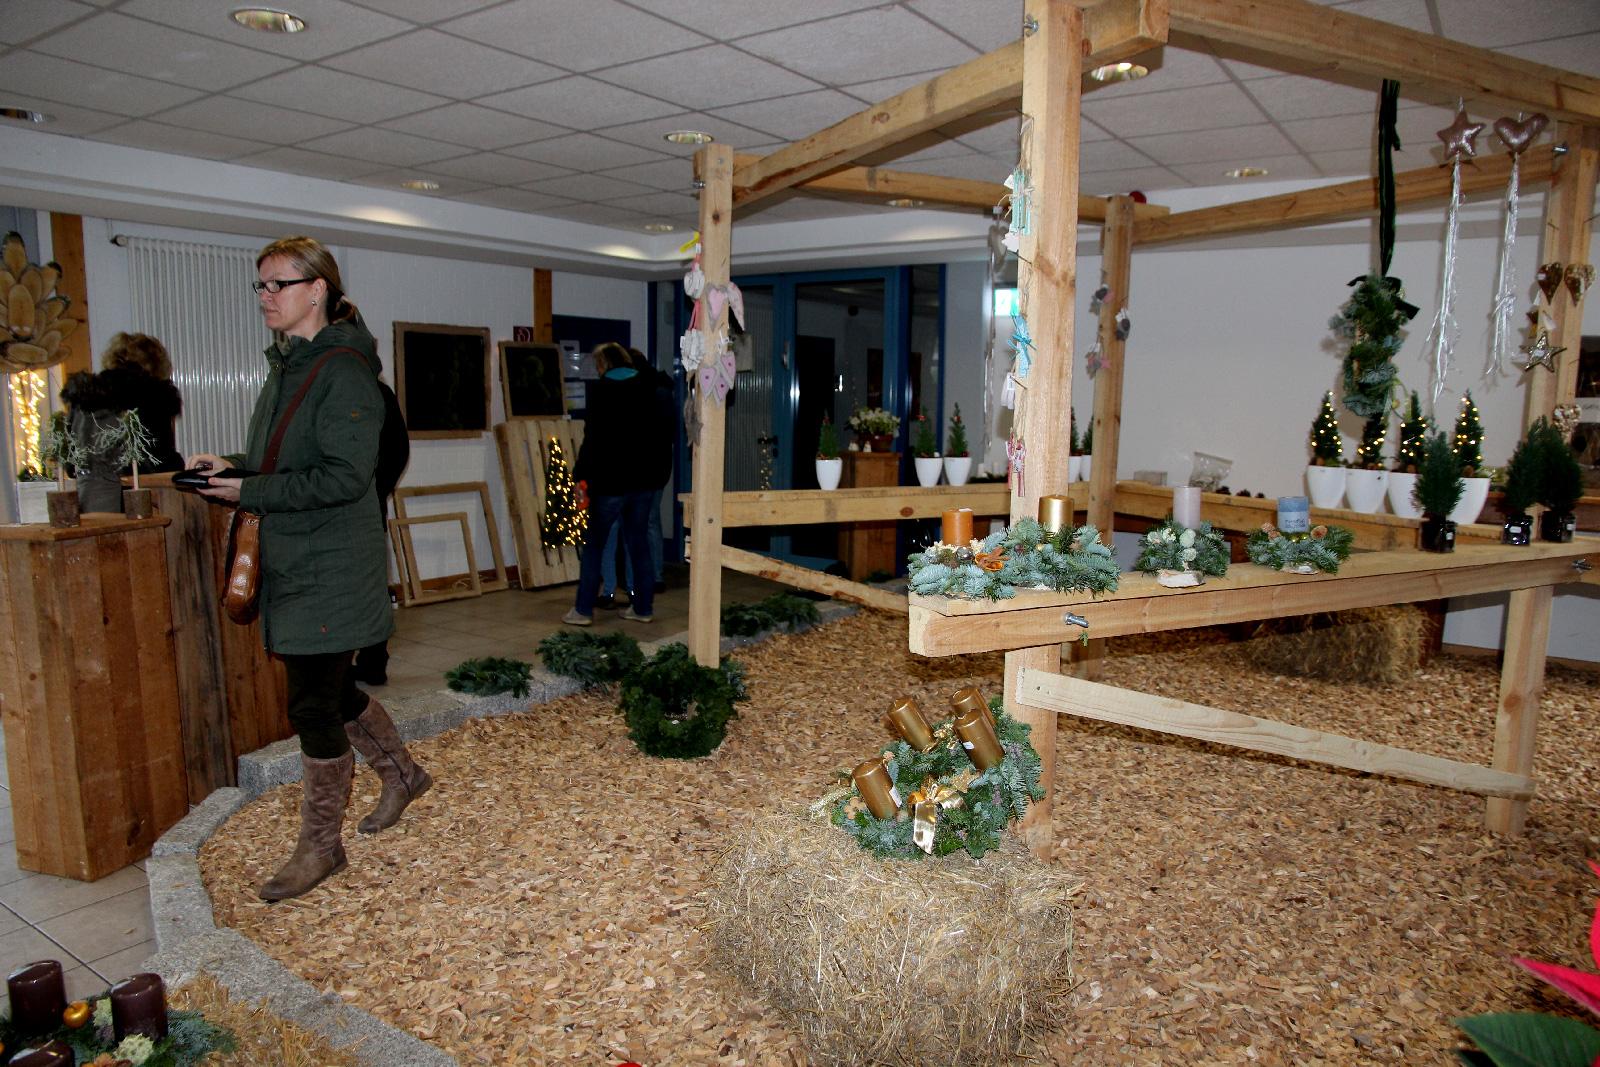 Die Adventsausstellung ... kommt bei den Besuchern immer an und ist in kürzester Zeit ausverkauft.